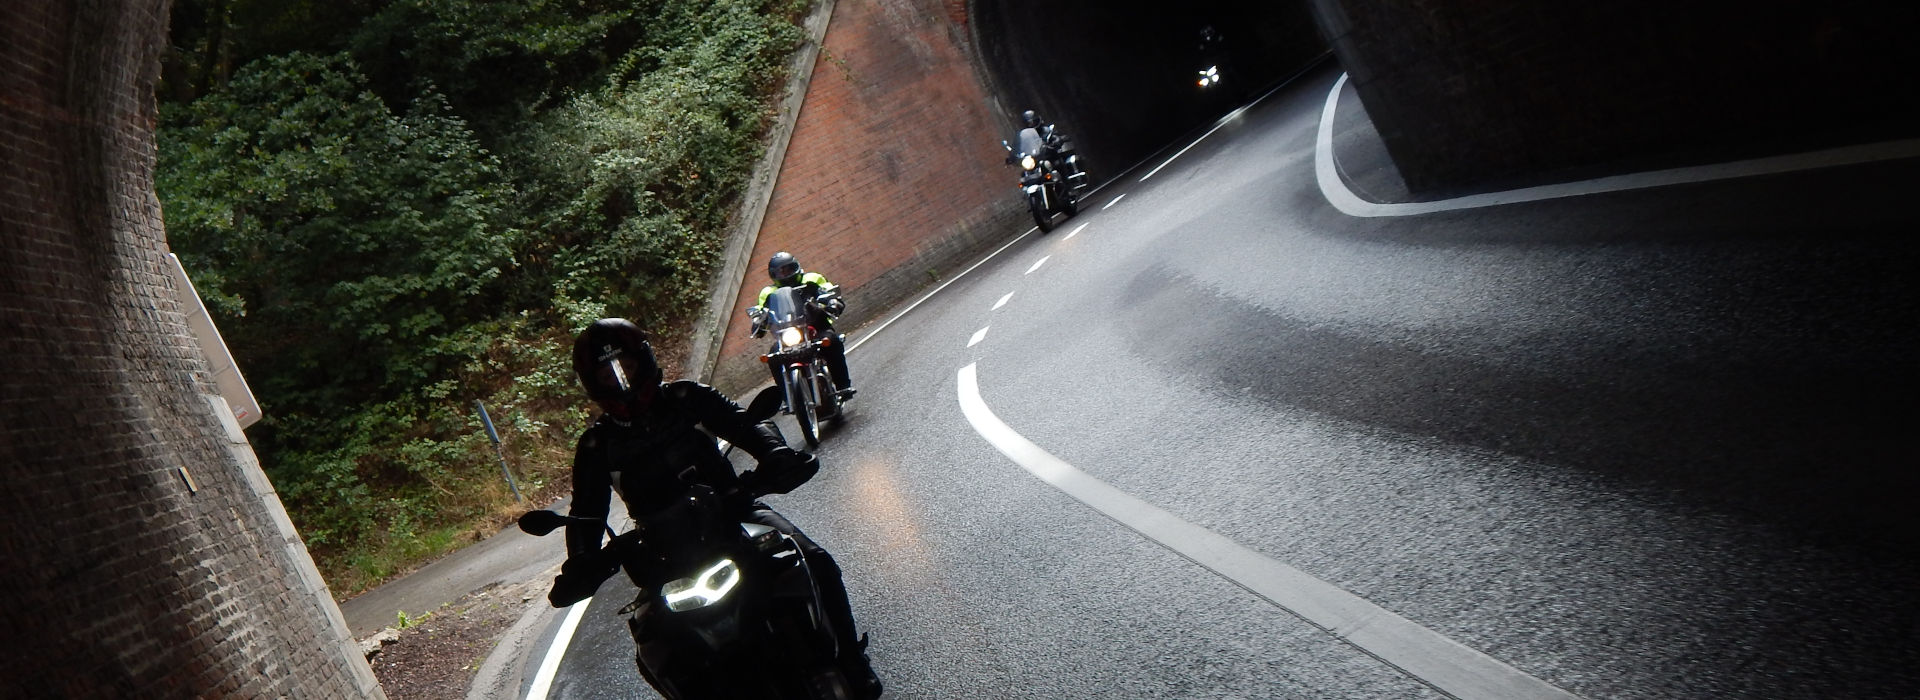 Motorrijbewijspoint Vaesrade spoed motorrijbewijs